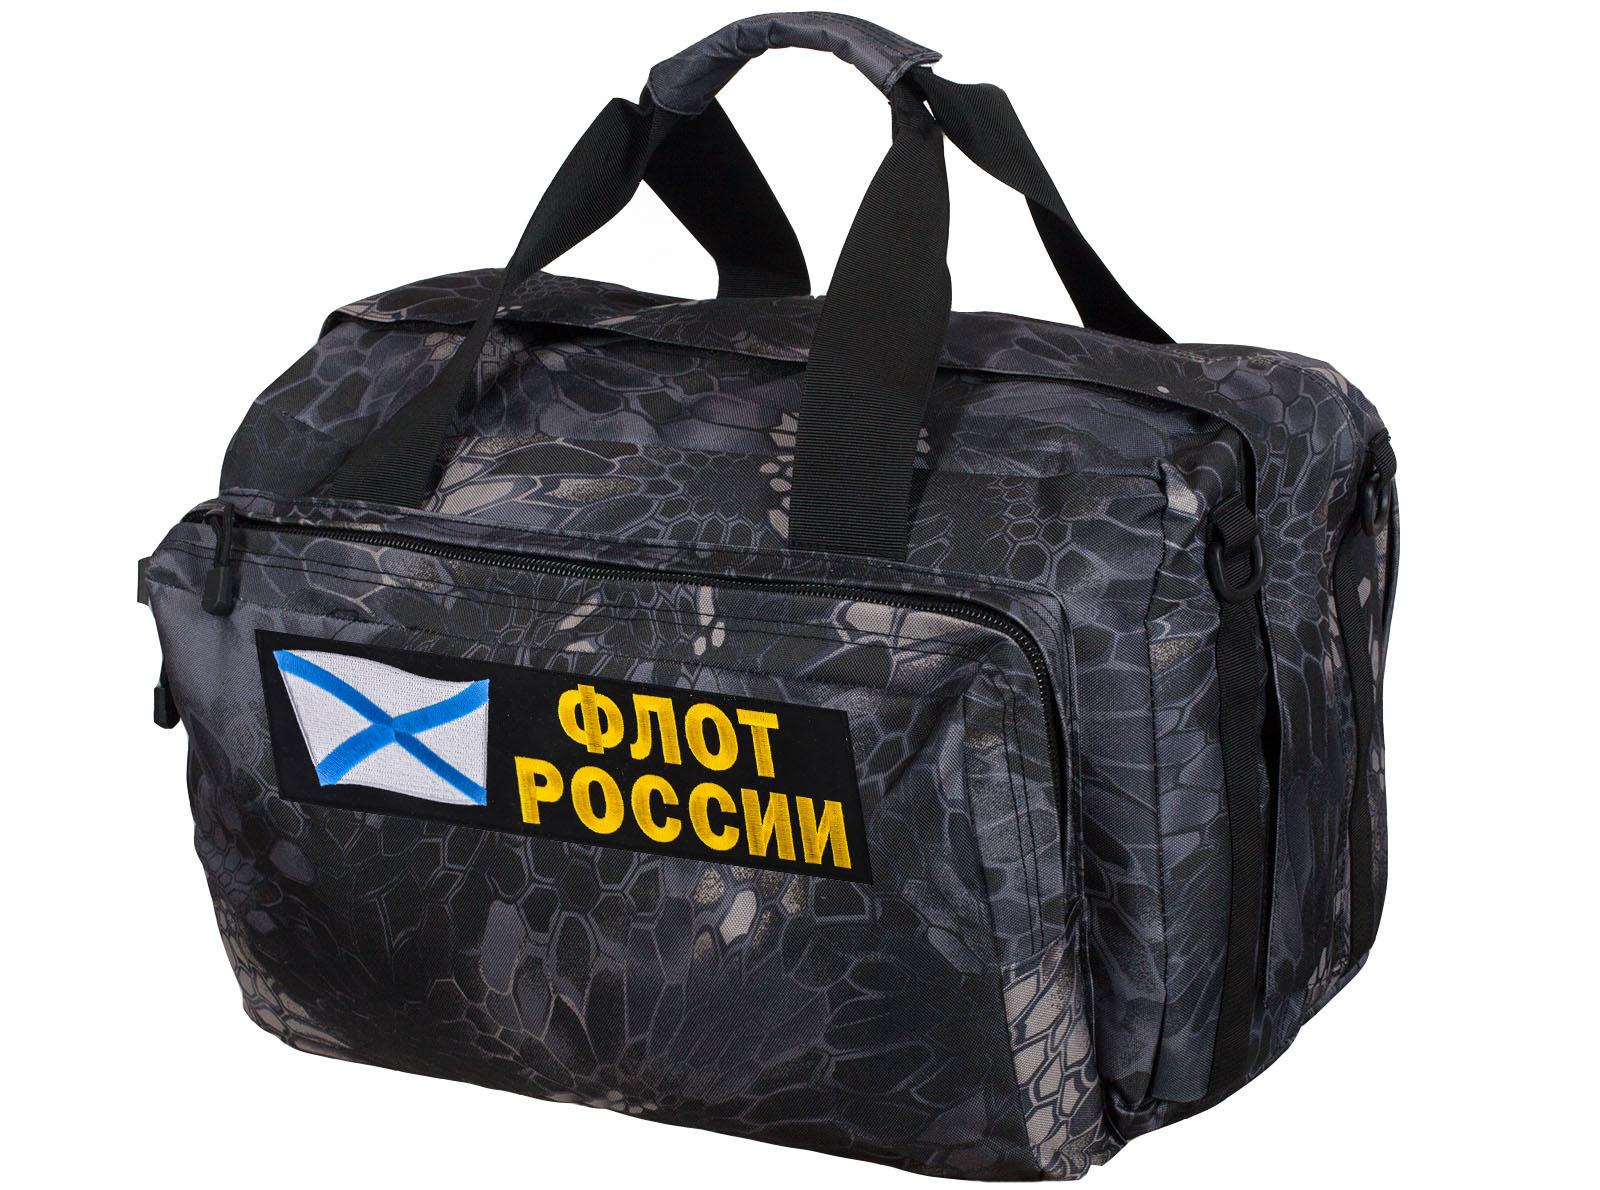 Тактическая заплечная сумка с нашивкой Флот России